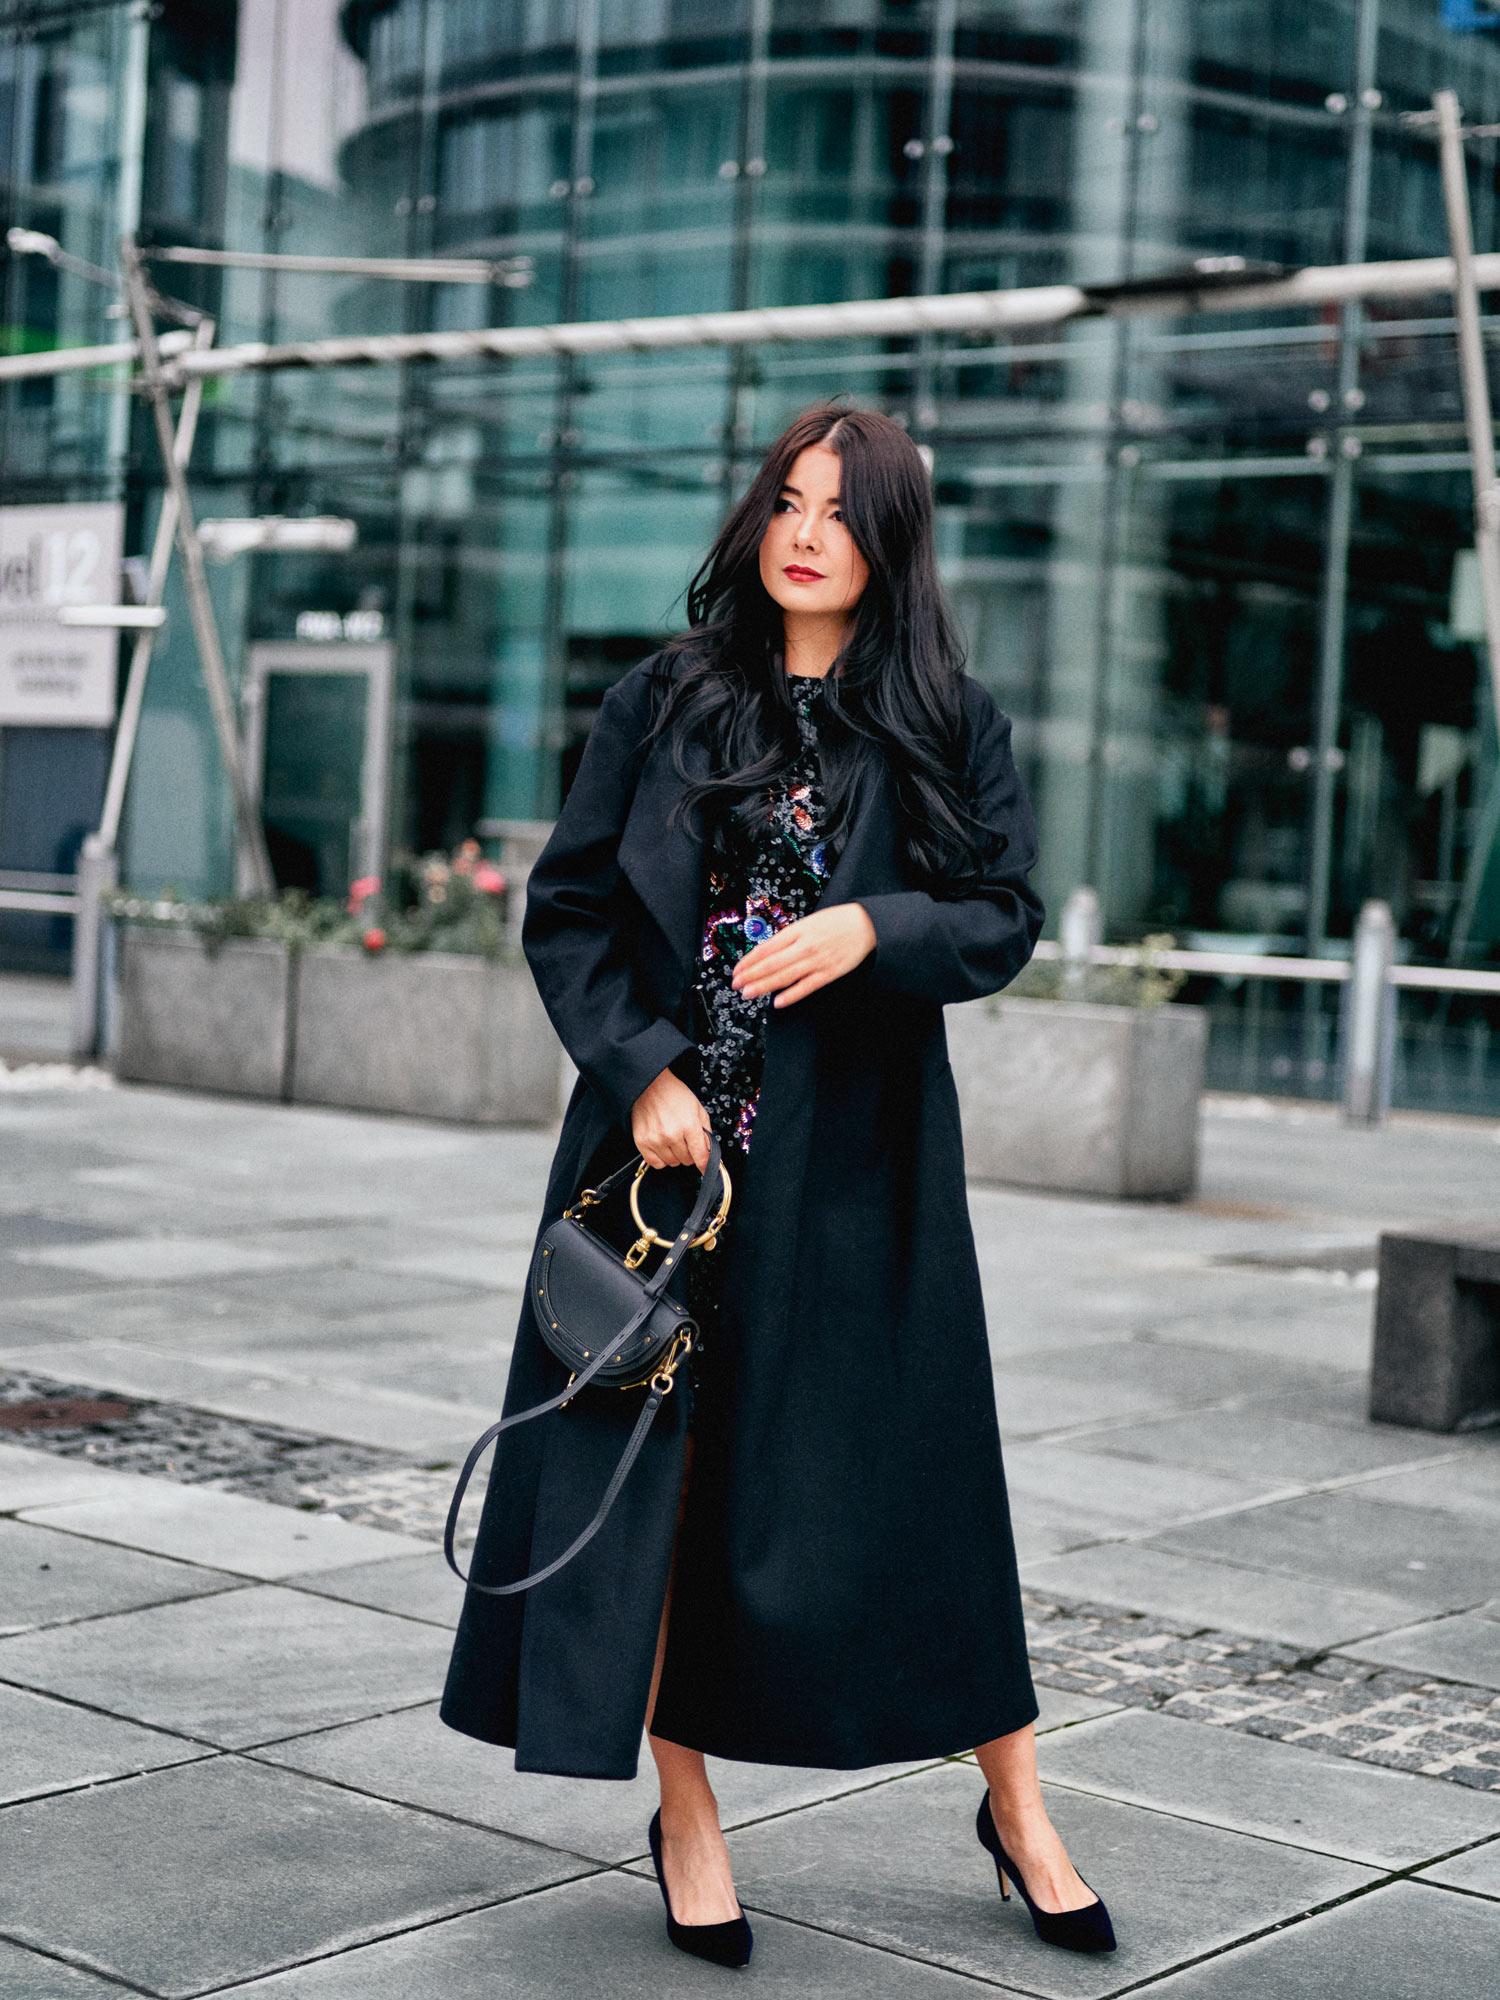 fashion-blogger-aus-muenchen-fashionblogger-lifestyleblogger-beautyblogger-fashion-blogger-modeblogger-modeblog-munich-blog-muenchen-es-weihnachtet-ein-weihnachtsoutfit-zu-feiertagen